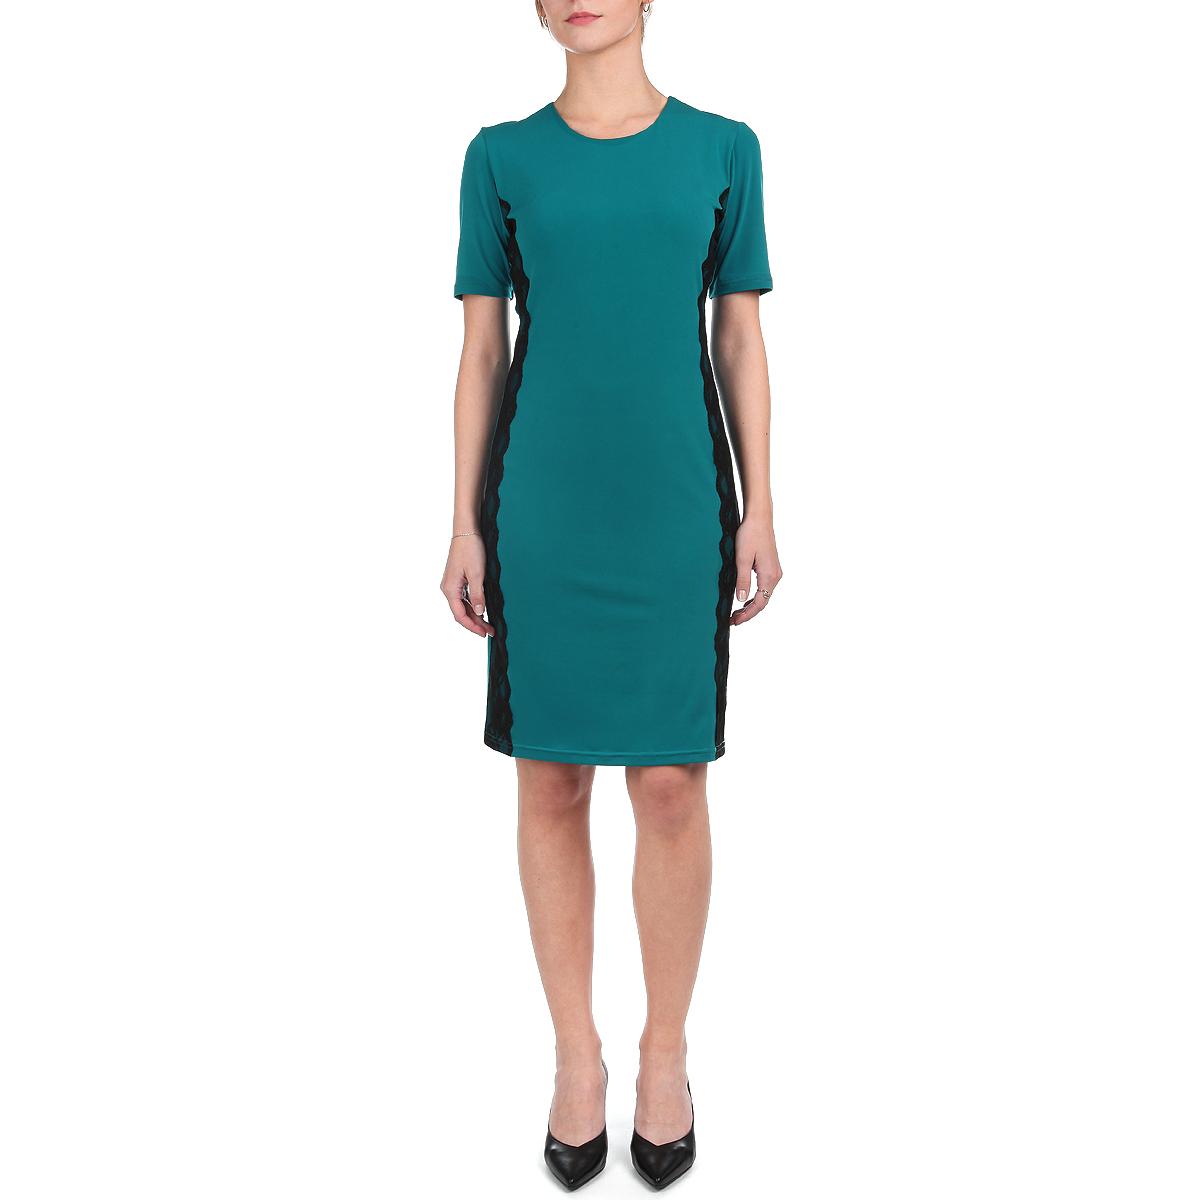 Платье605Элегантное платье Lautus выполнено из мягкого эластичного материала. Модель с короткими рукавами и круглым вырезом горловины подарит вам ощущение комфорта и уверенности. Облегающий крой и классическая длина до колена выгодно подчеркнут достоинства фигуры. Модель по бокам декорирована контрастными кружевными вставками. Модное платье - идеальный вариант для создания эффектного образа.